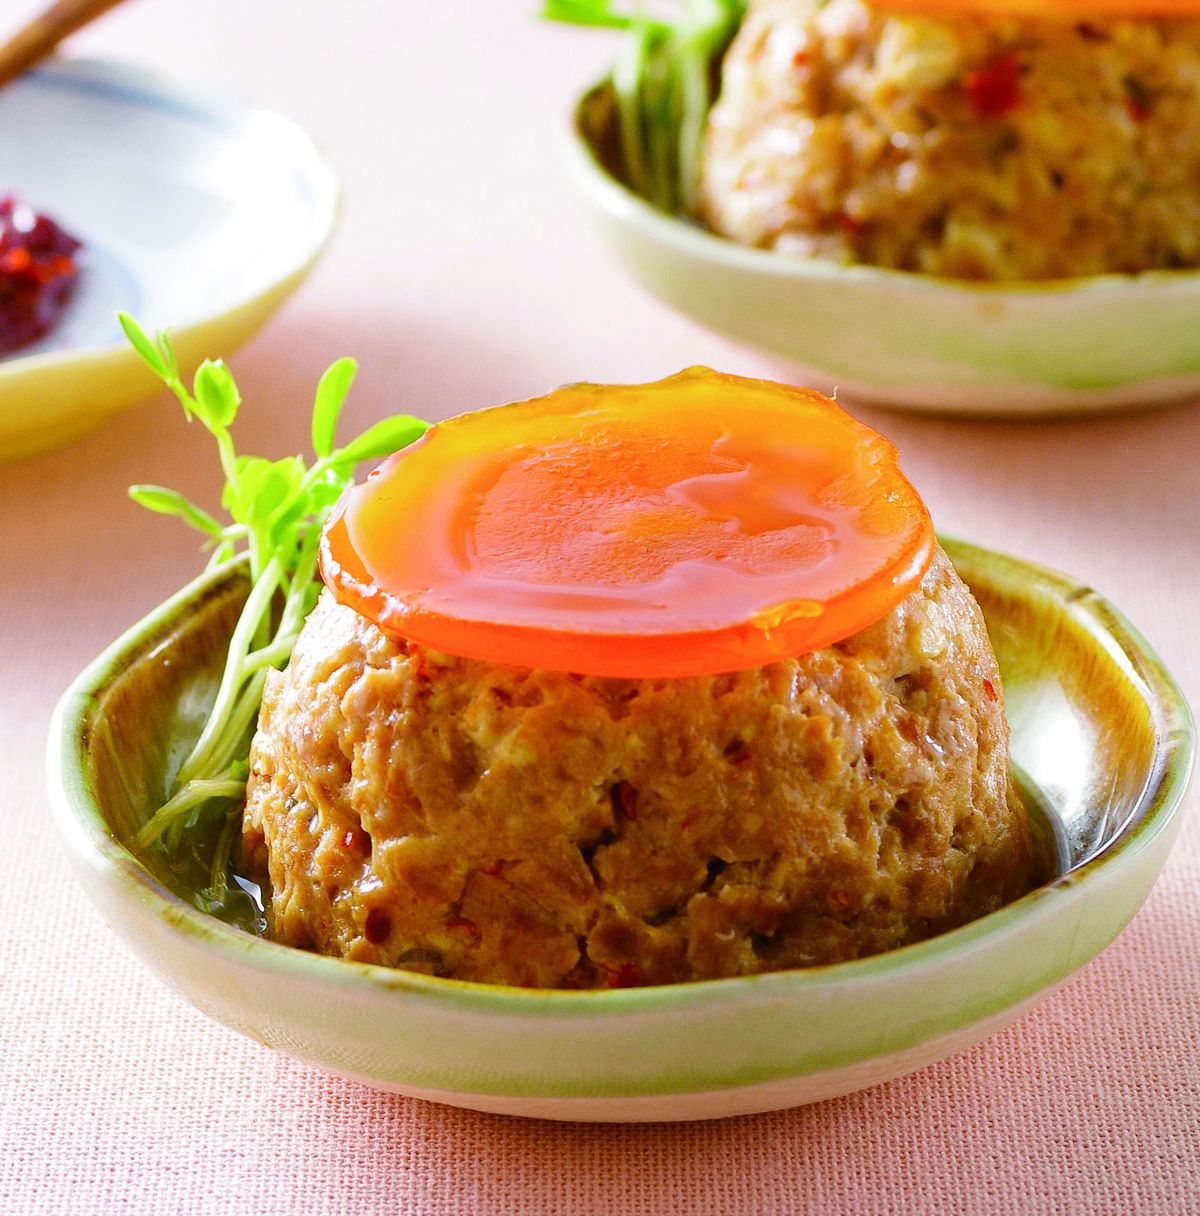 食譜:蛋黃豆腐肉